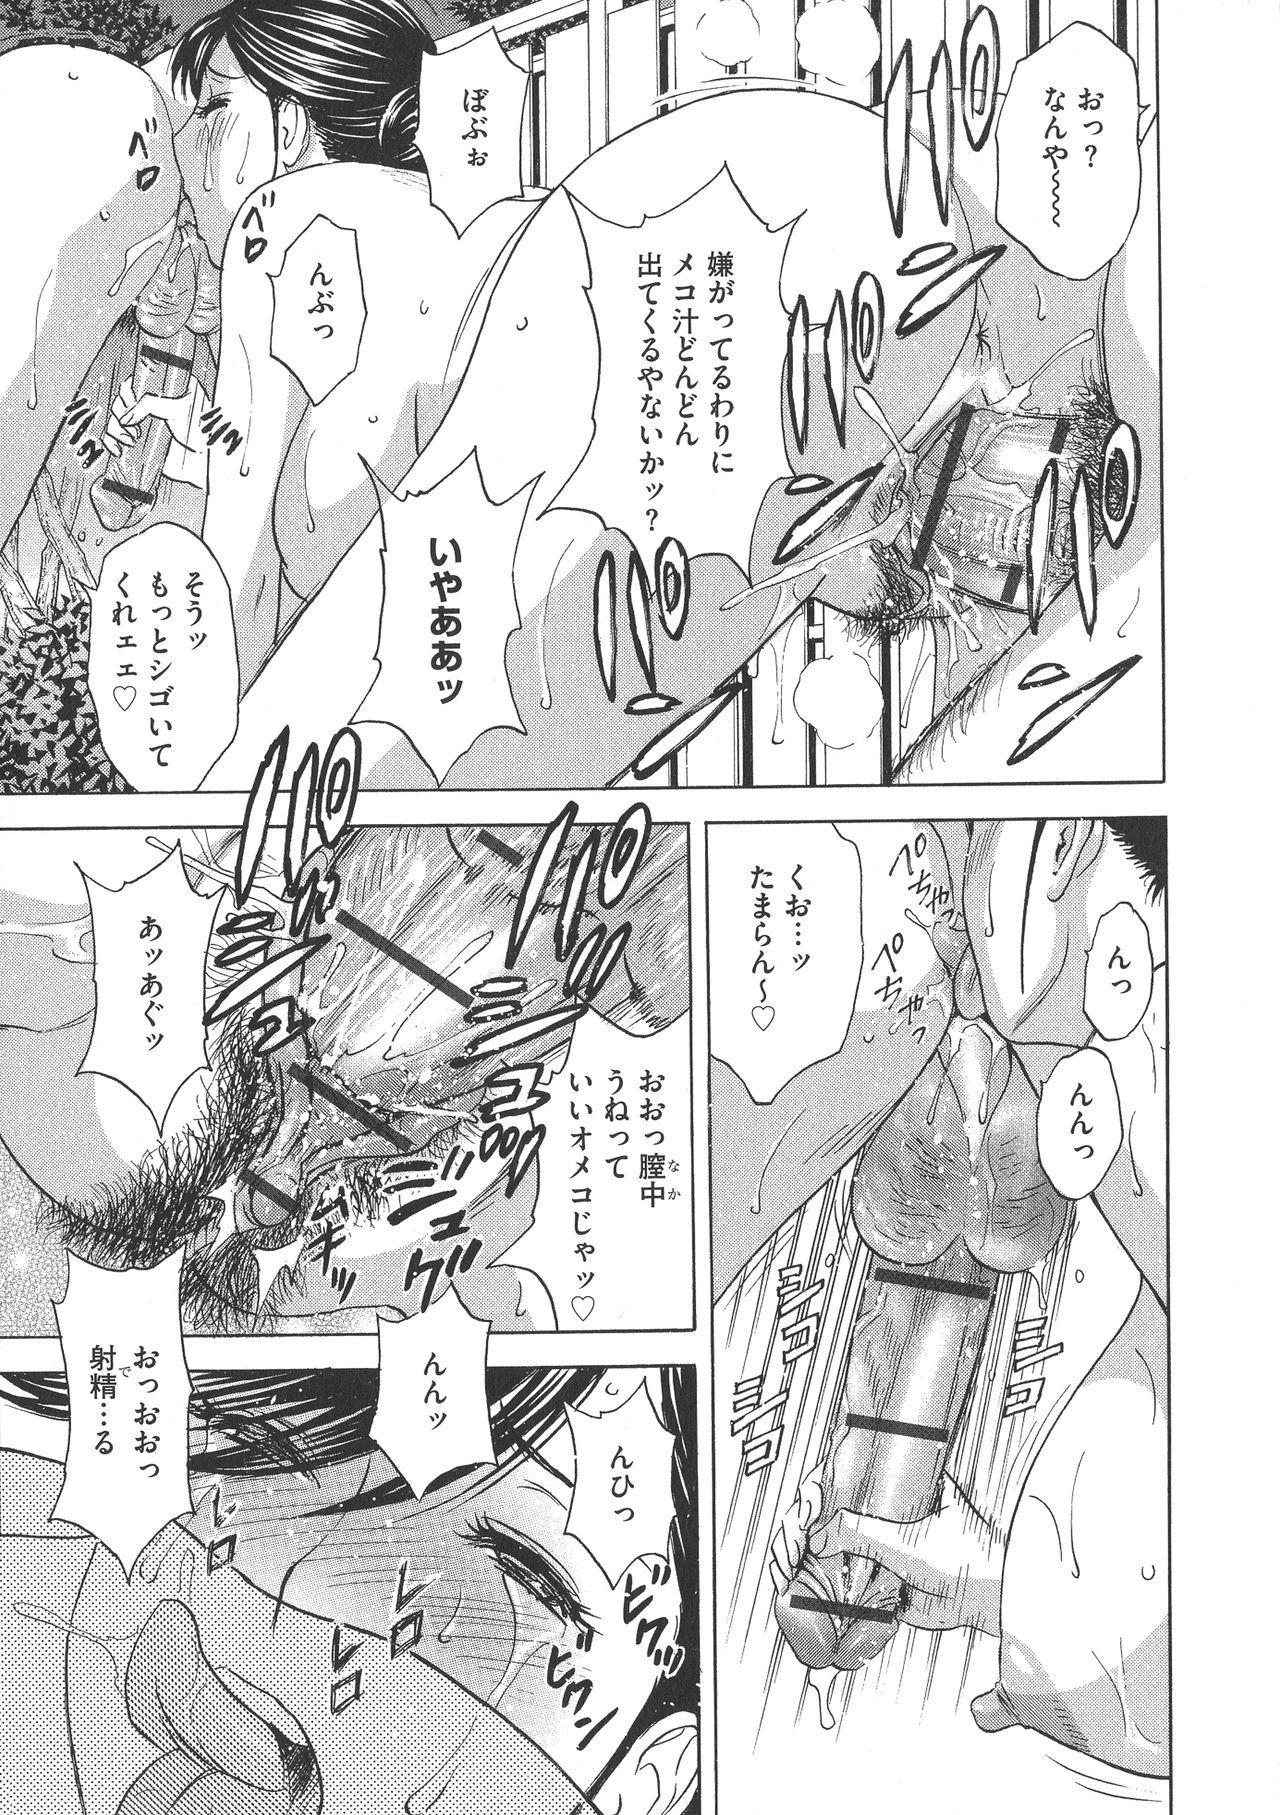 Chijoku ni Modaeru Haha no Chichi… 16